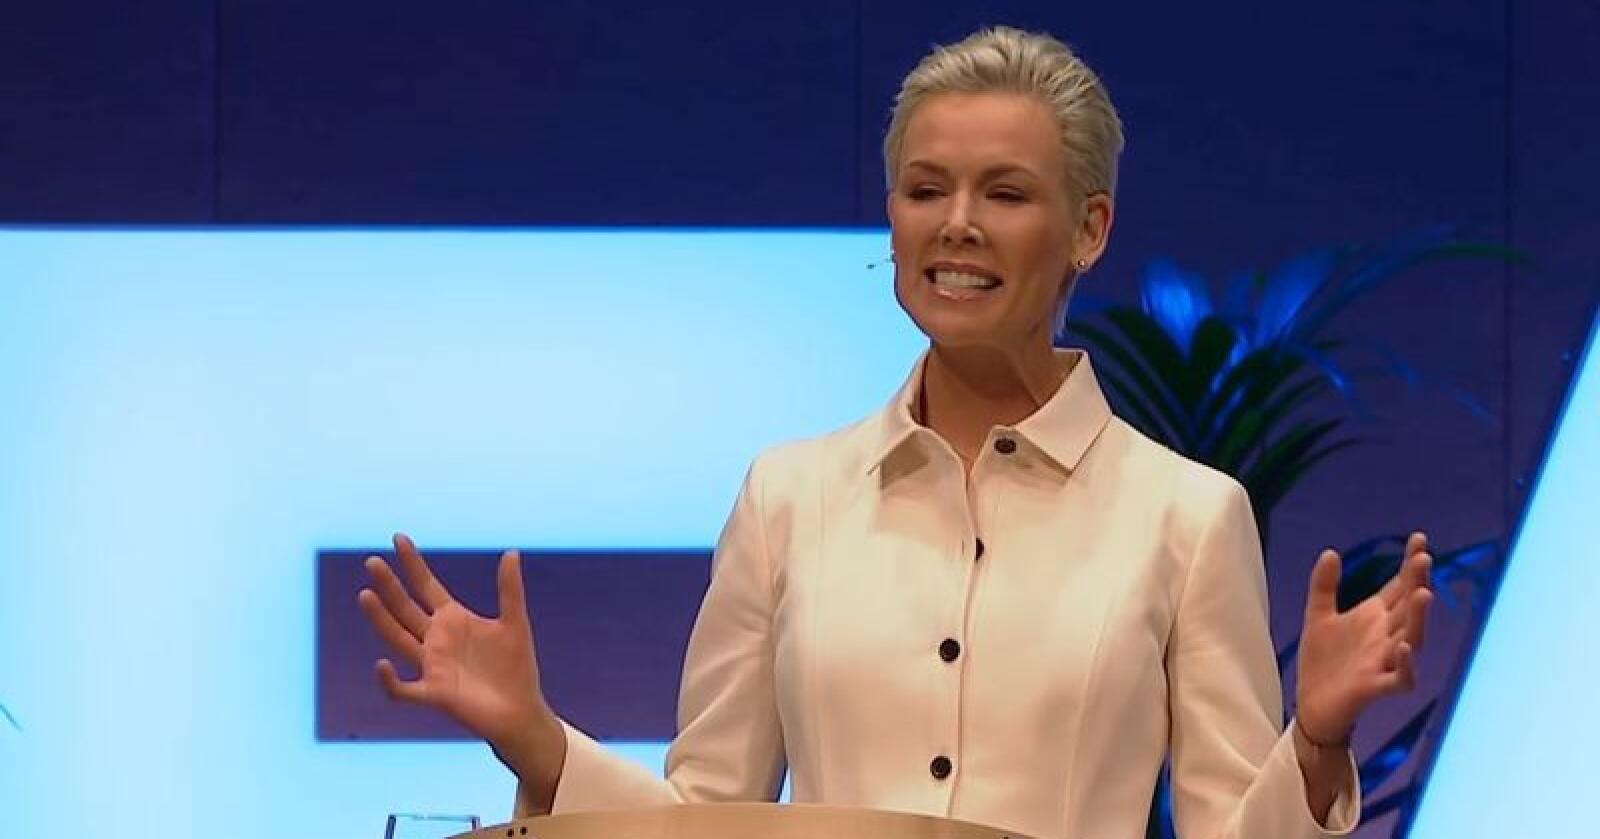 Gunhild Stordalen og EAT/Lancet-kommisjonen mener de har funnet dietten som er mest for menneskers helse og som holder seg innafor planetens tålegrenser. Foto: Skjermdump fra Youtube.